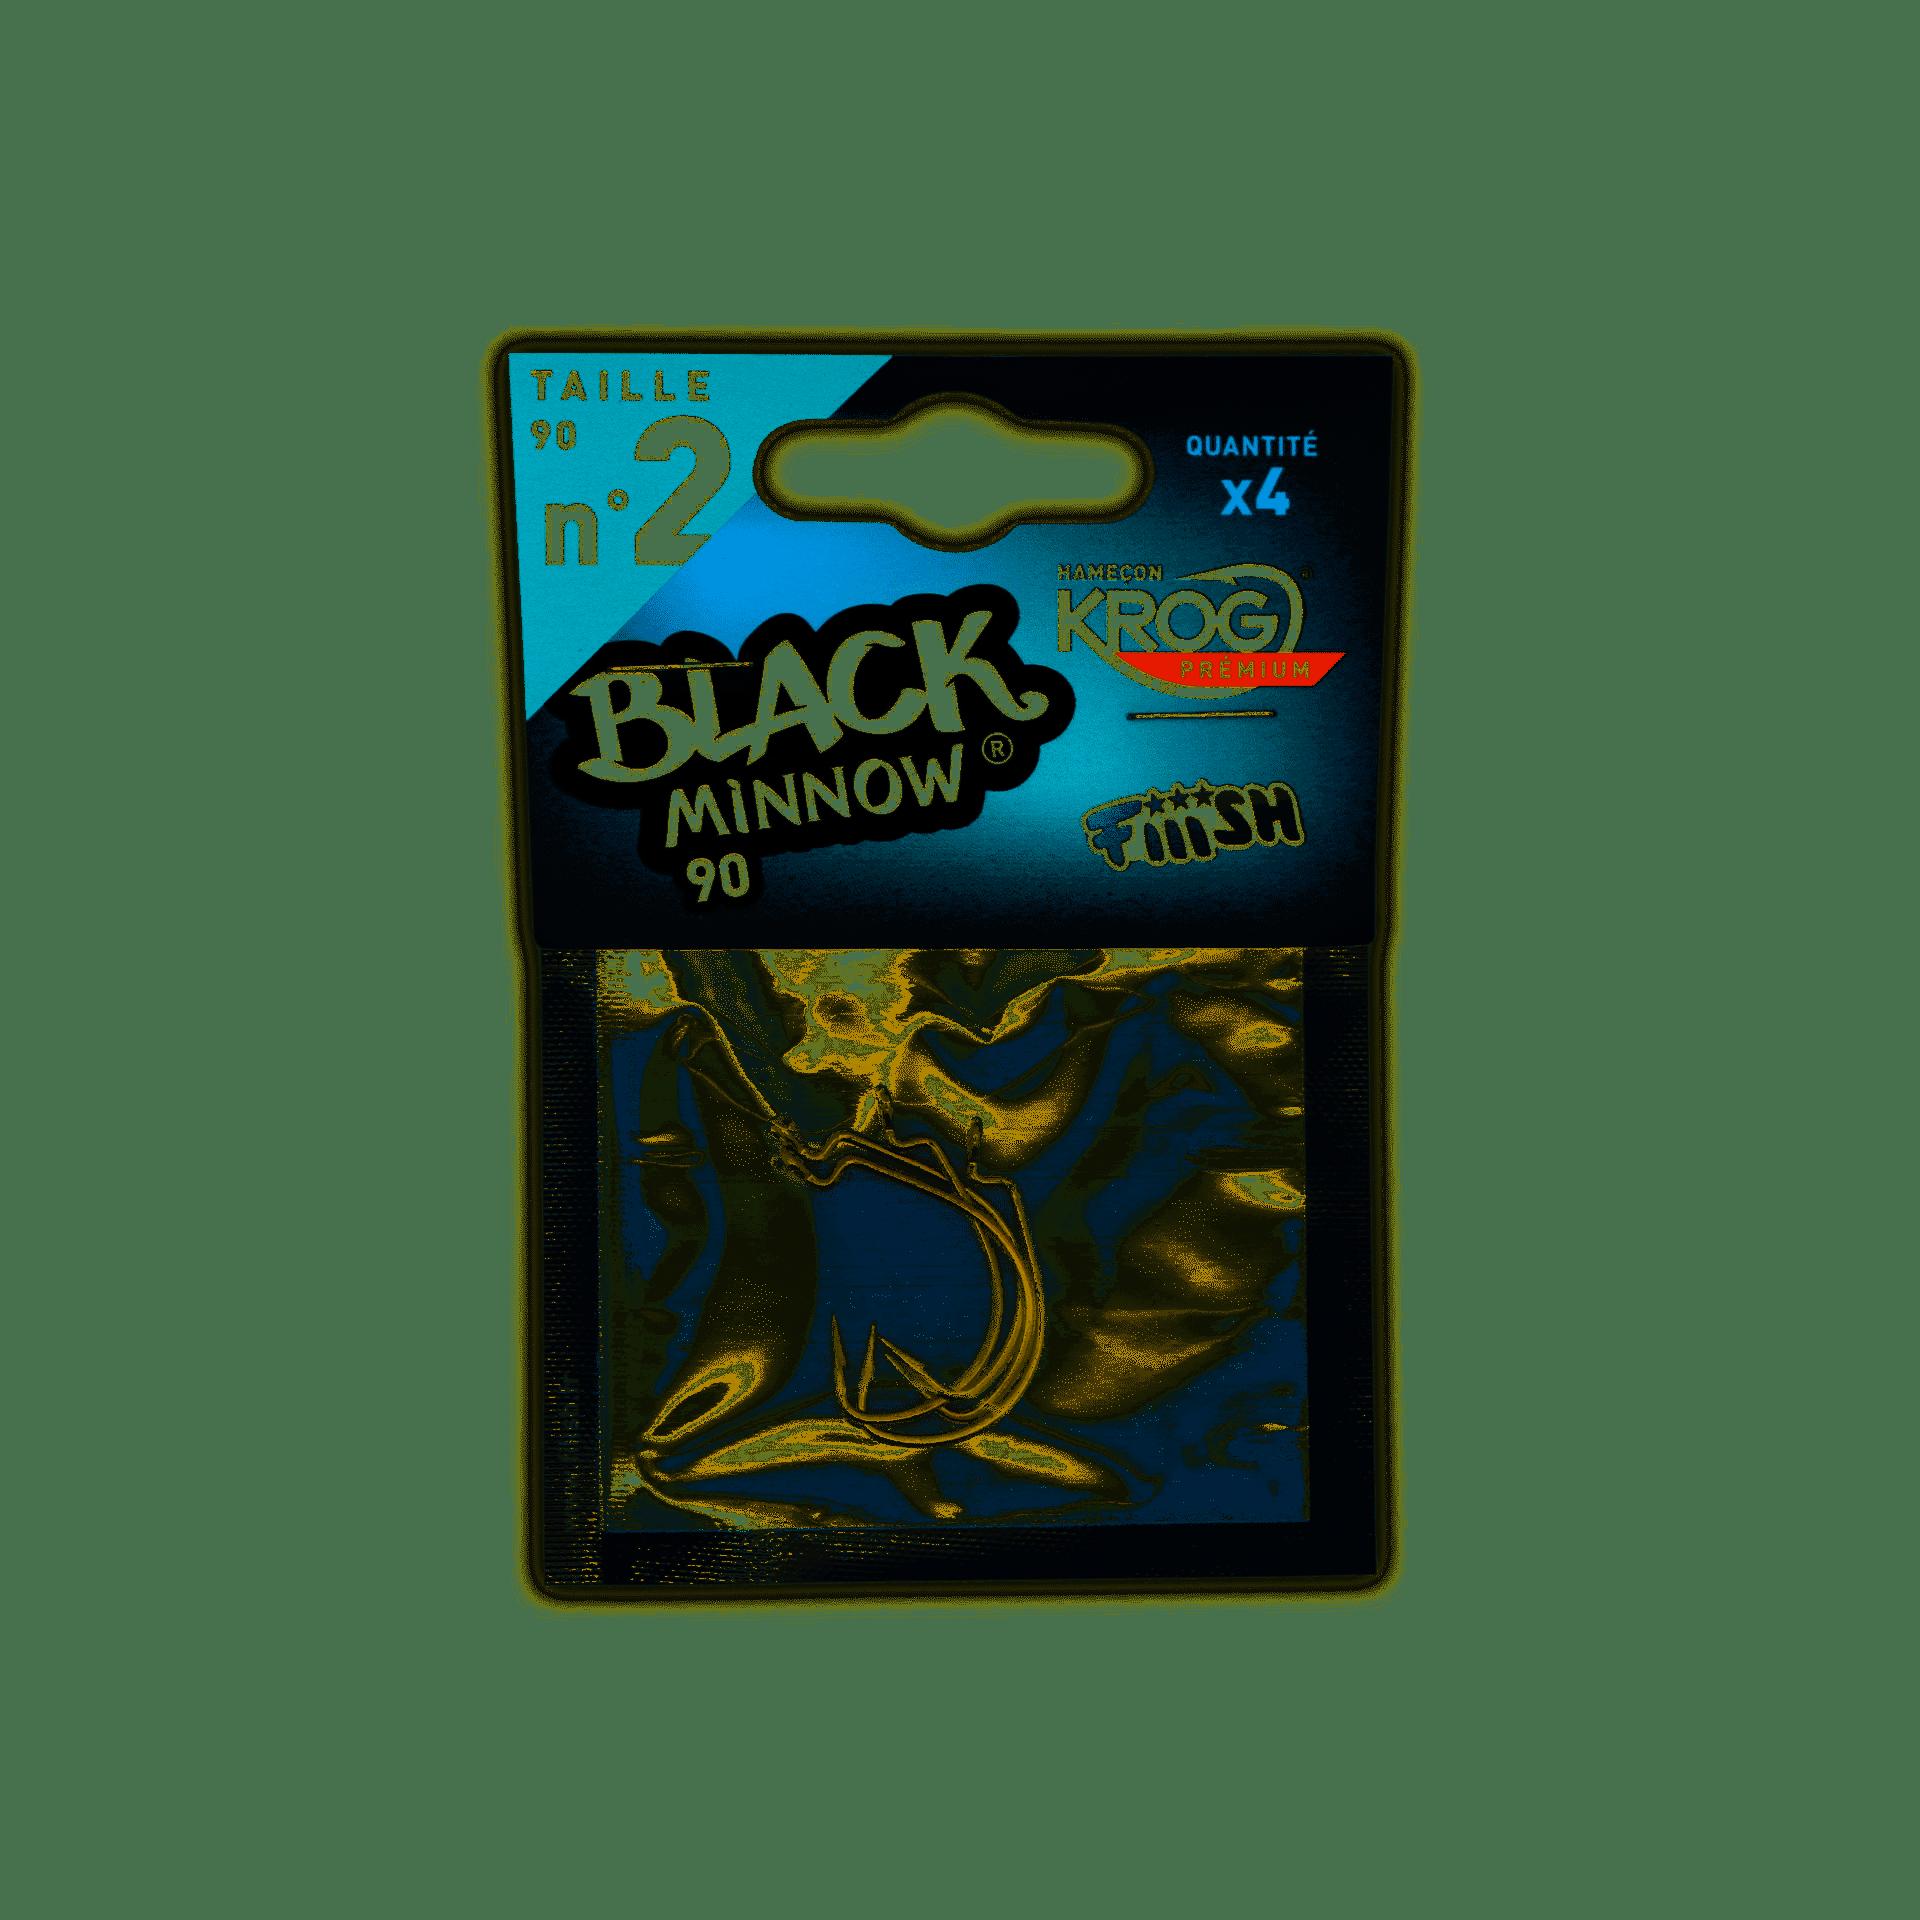 crankys hameçon krog black minnow 90 fiiish pêche fishing